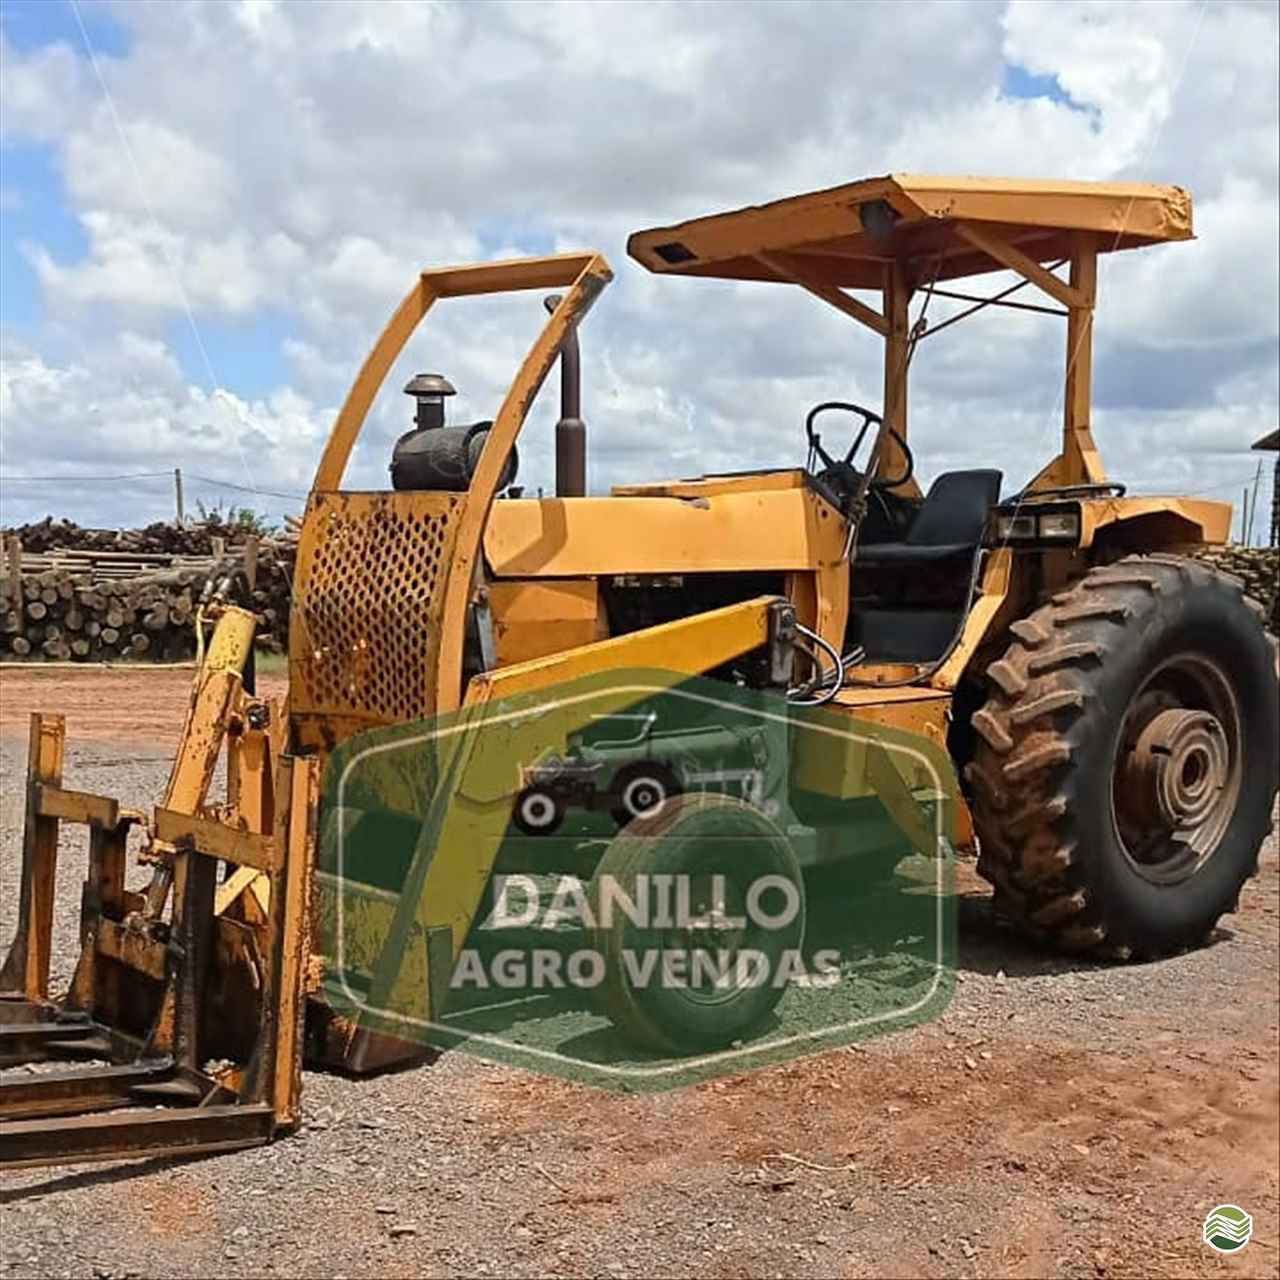 TRATOR CBT CBT 8240 Tração 4x2 Danillo Agro Vendas UMUARAMA PARANÁ PR